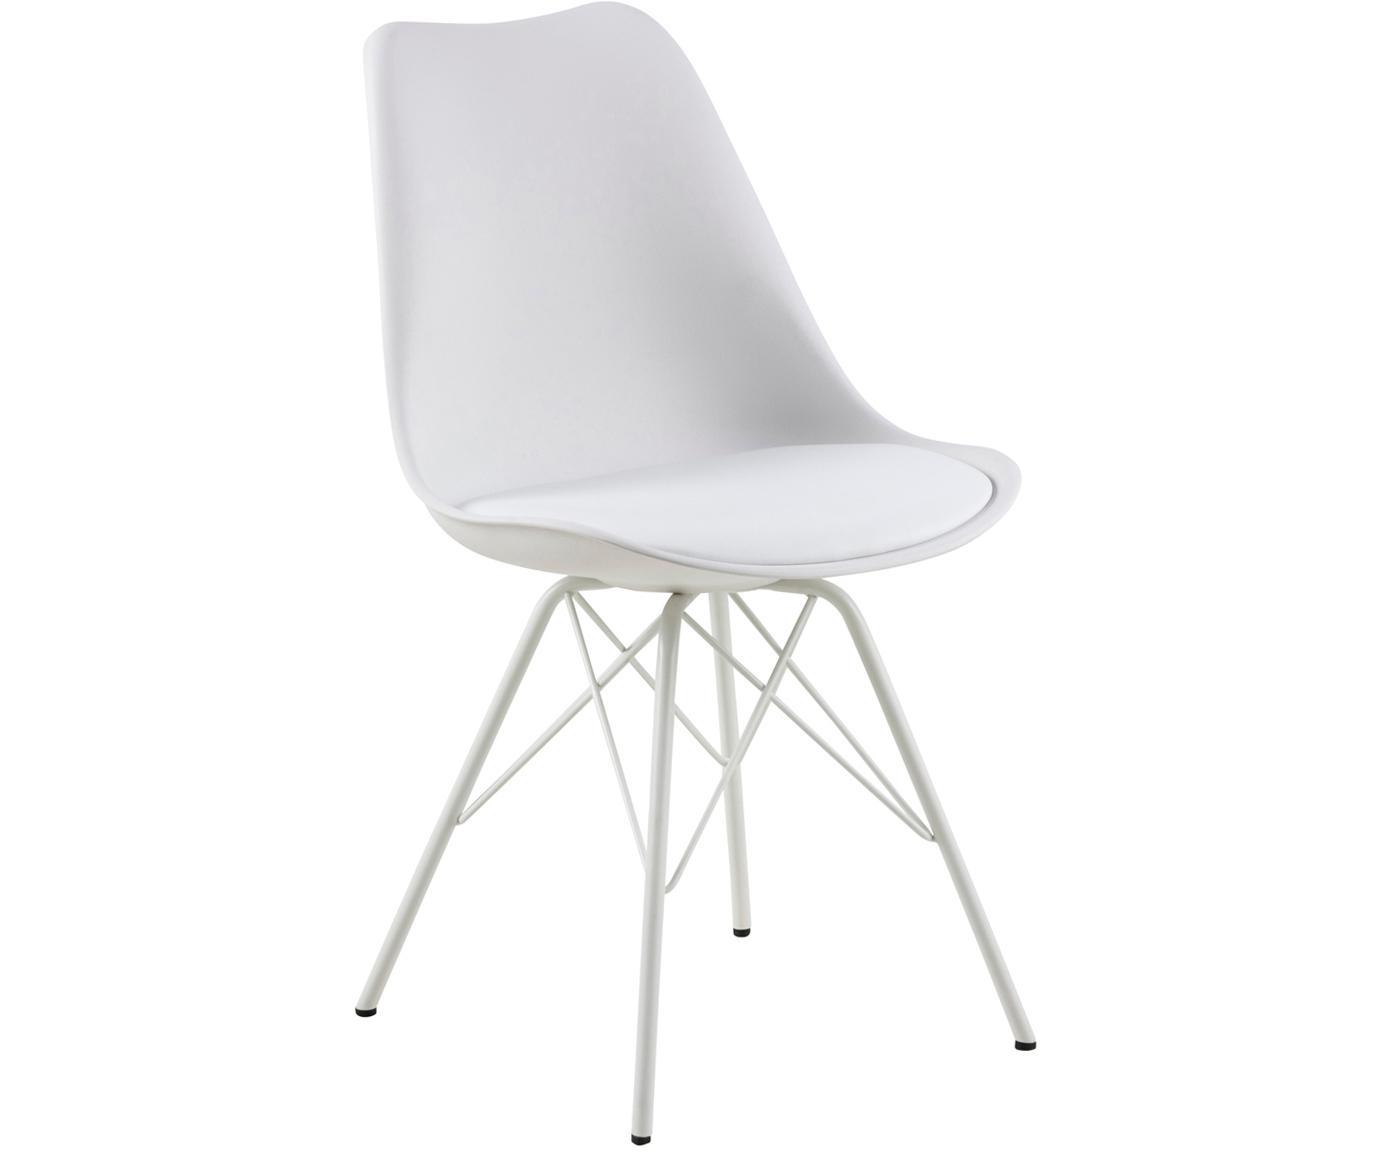 Kunststoffen stoelen Eris, 2 stuks, Zitvlak: kunststof, Poten: gepoedercoat metaal, Wit, B 49  x D 54 cm